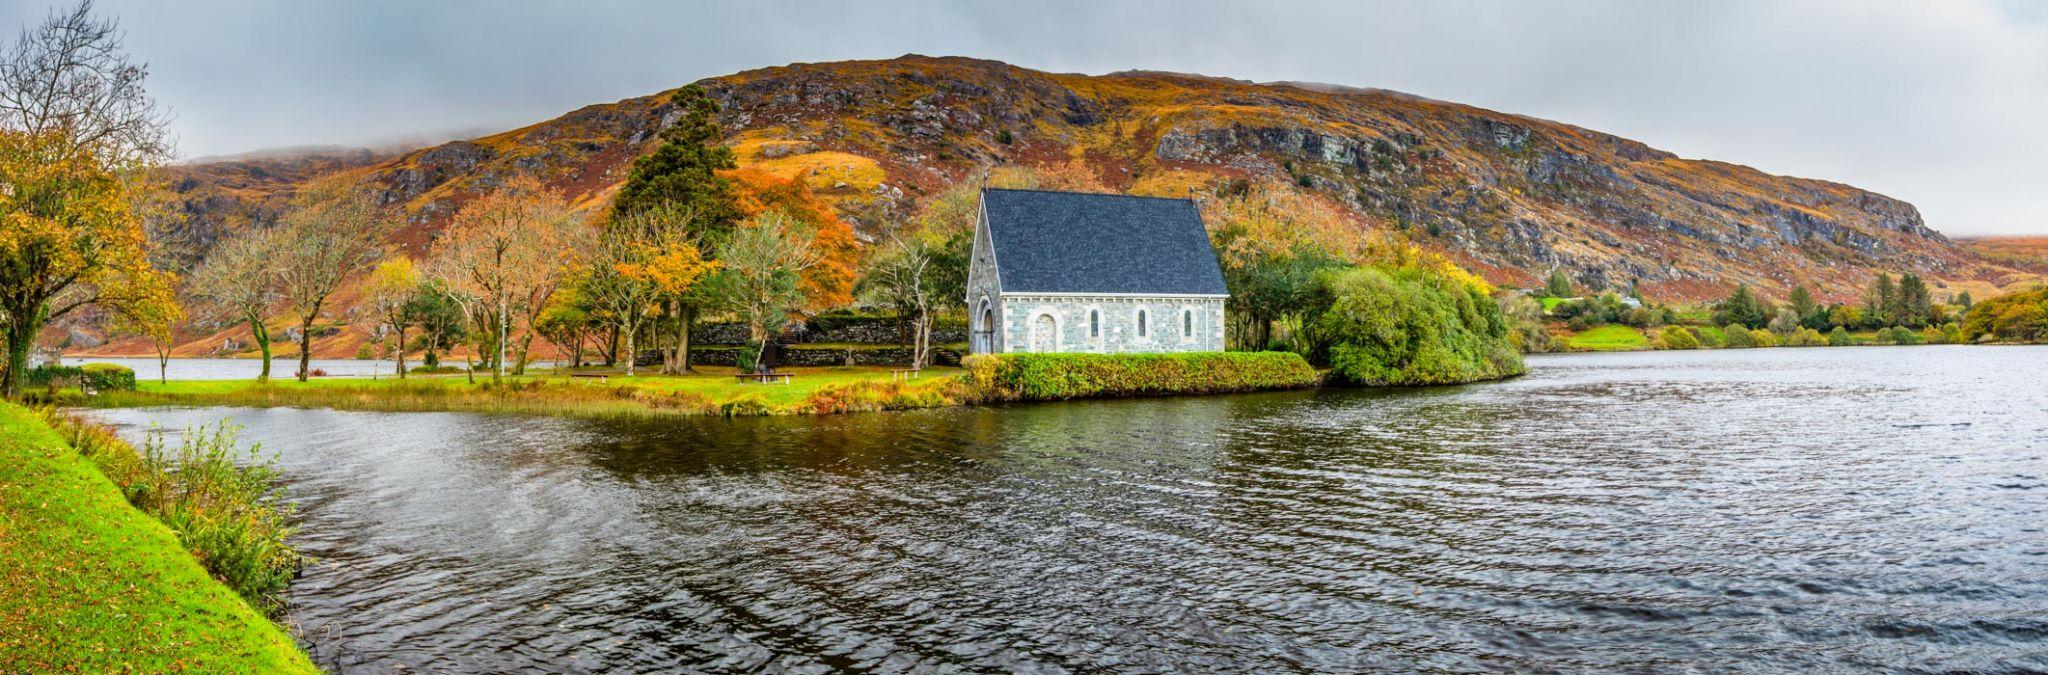 St Finbarr's Oratory Pano Autumn Ballingeary, Co. Cork, Ireland